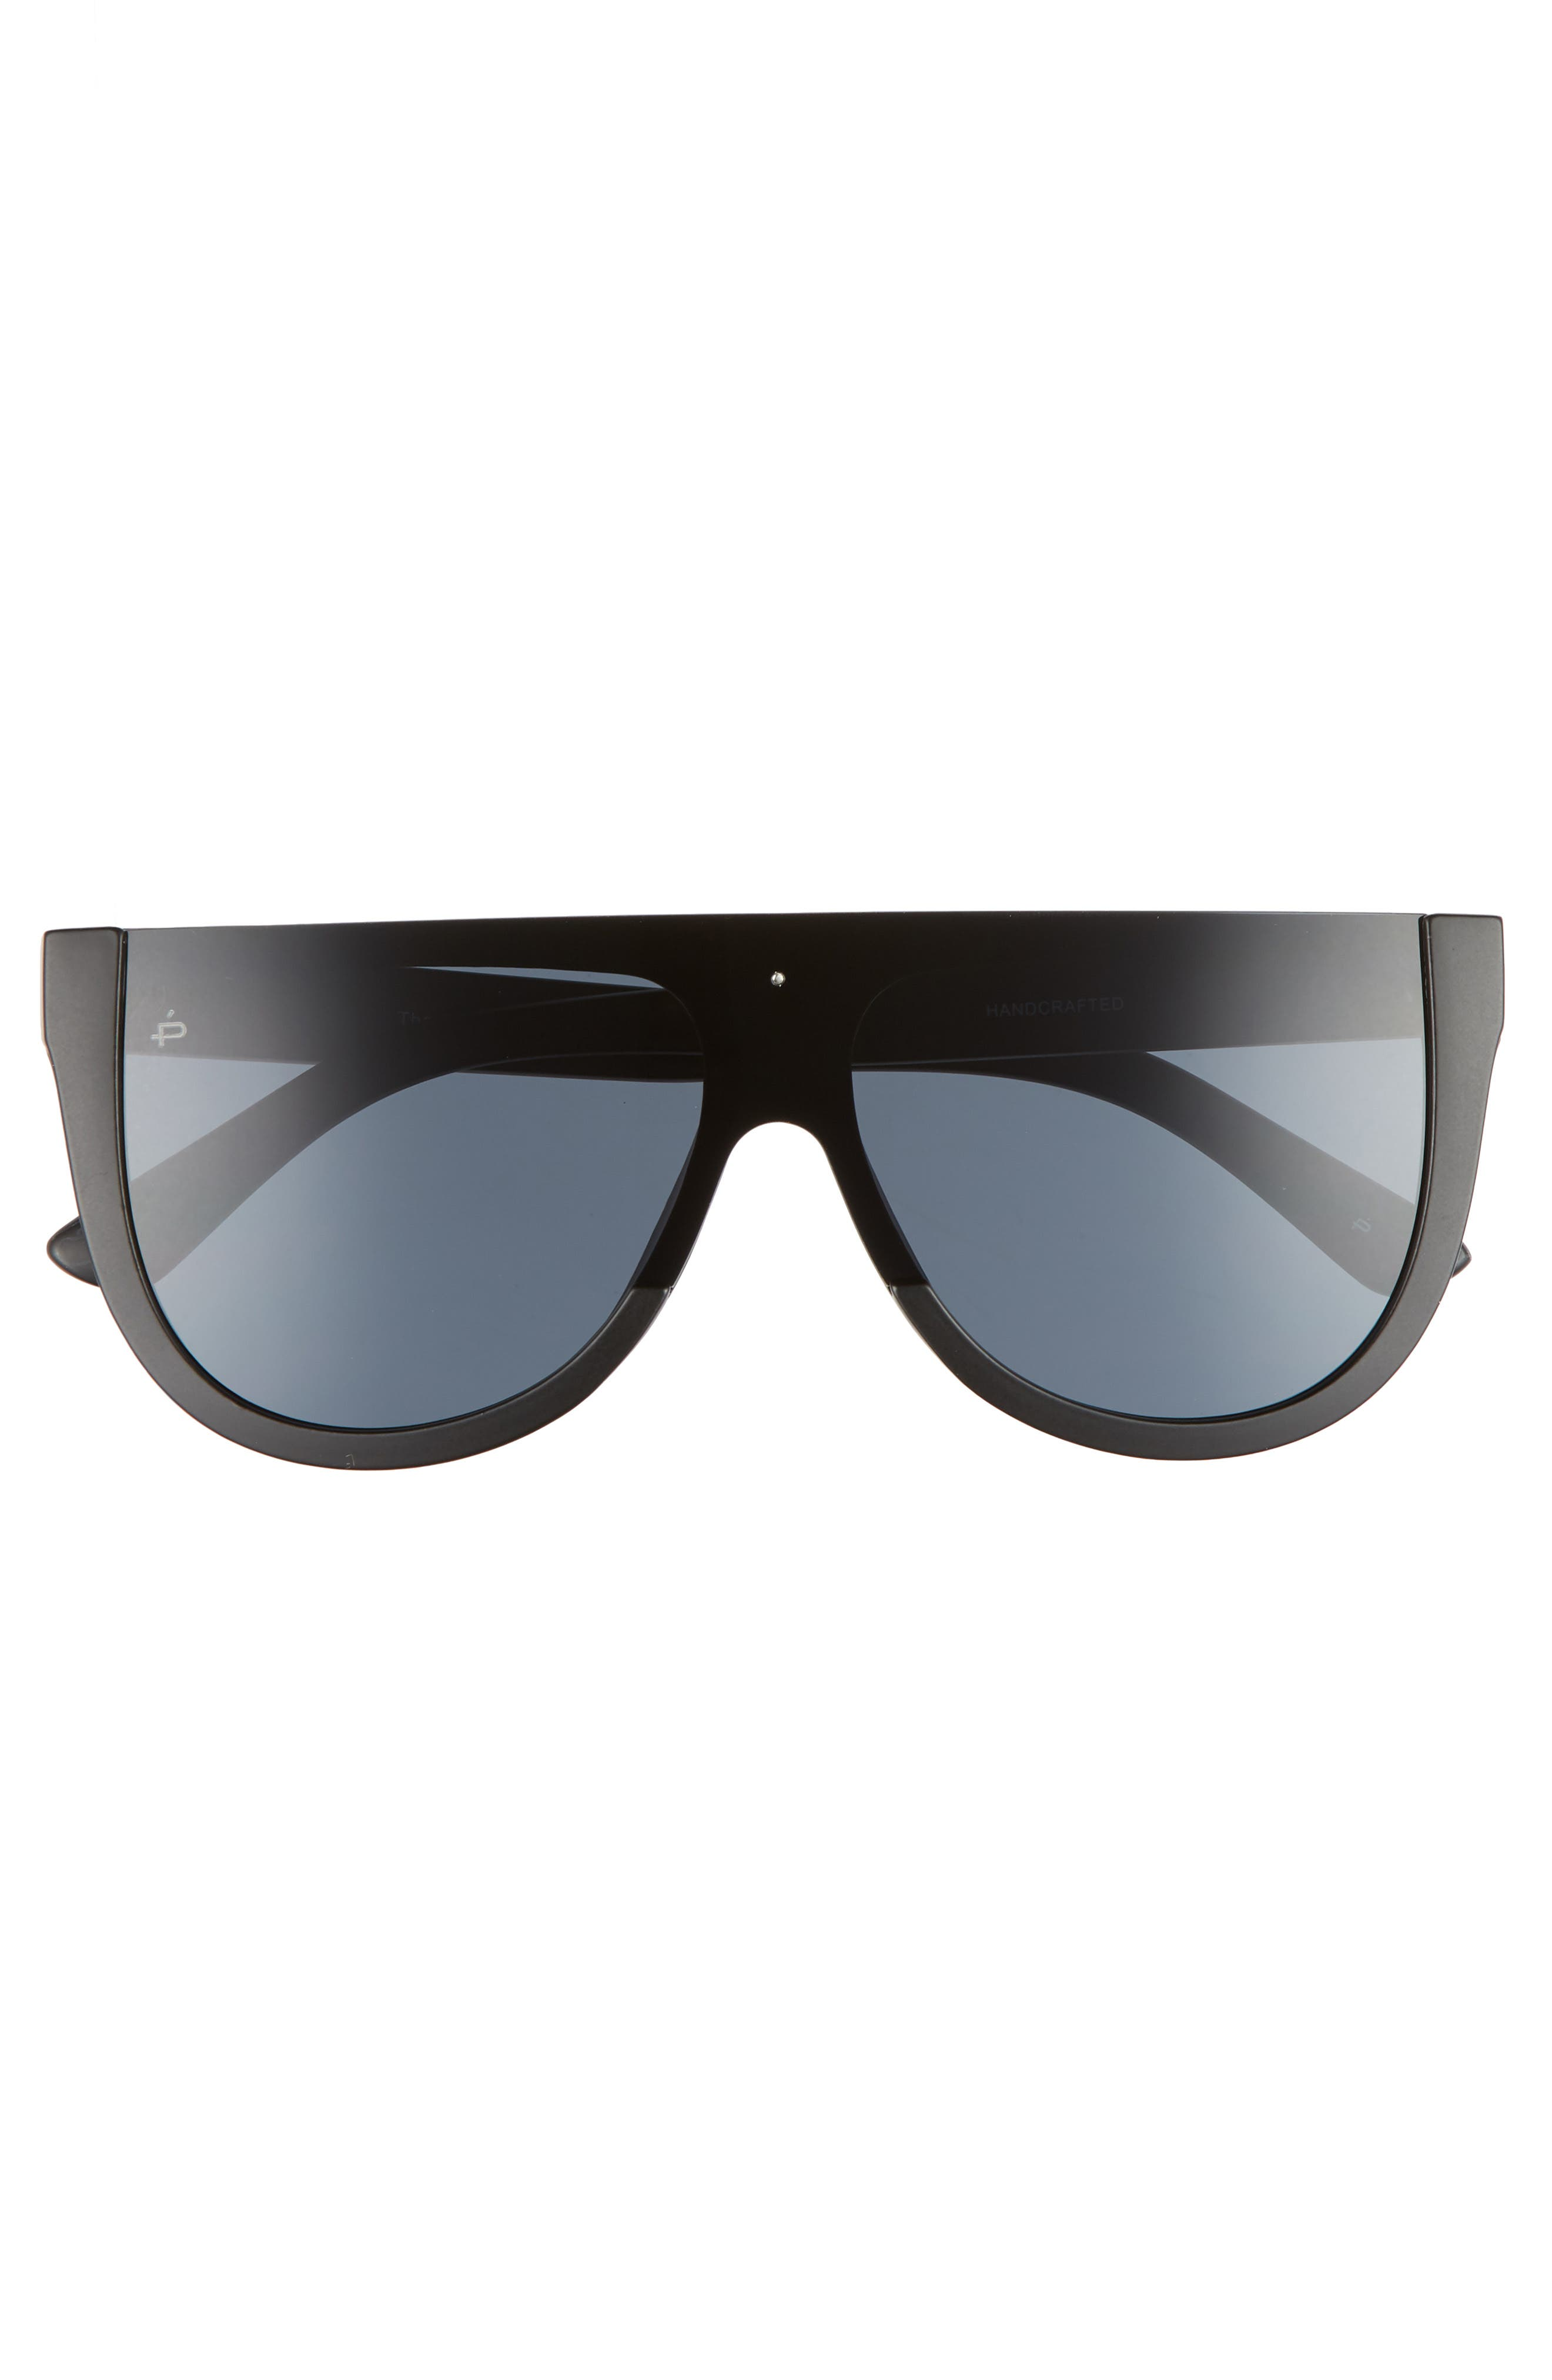 Privé Revaux The Coco 60mm Shield Sunglasses,                             Alternate thumbnail 3, color,                             001